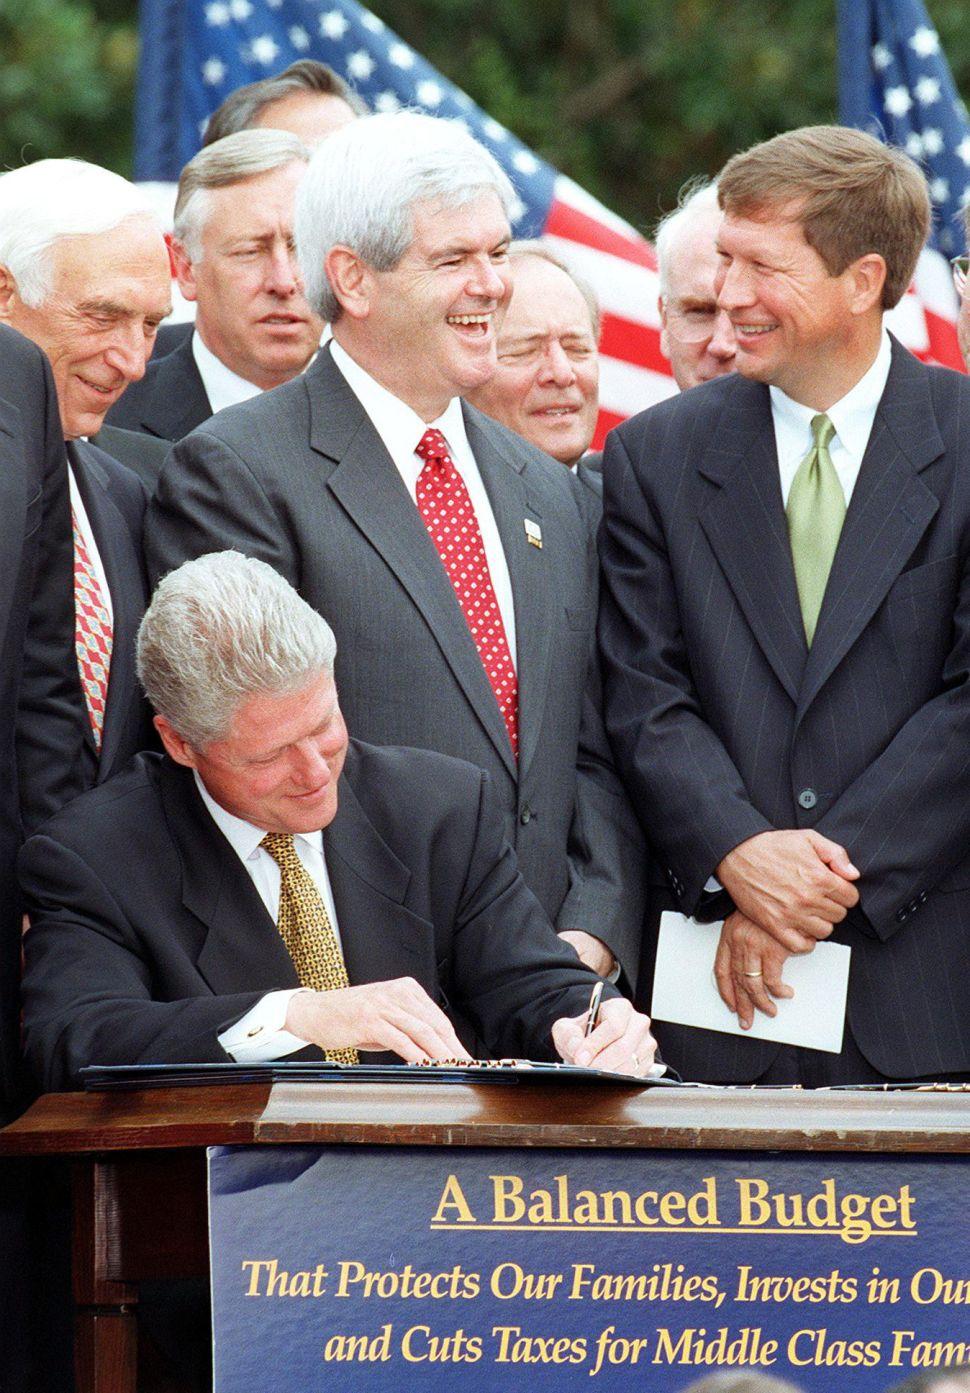 From Congressman to Businessman: John Kasich Cuts a New Deal